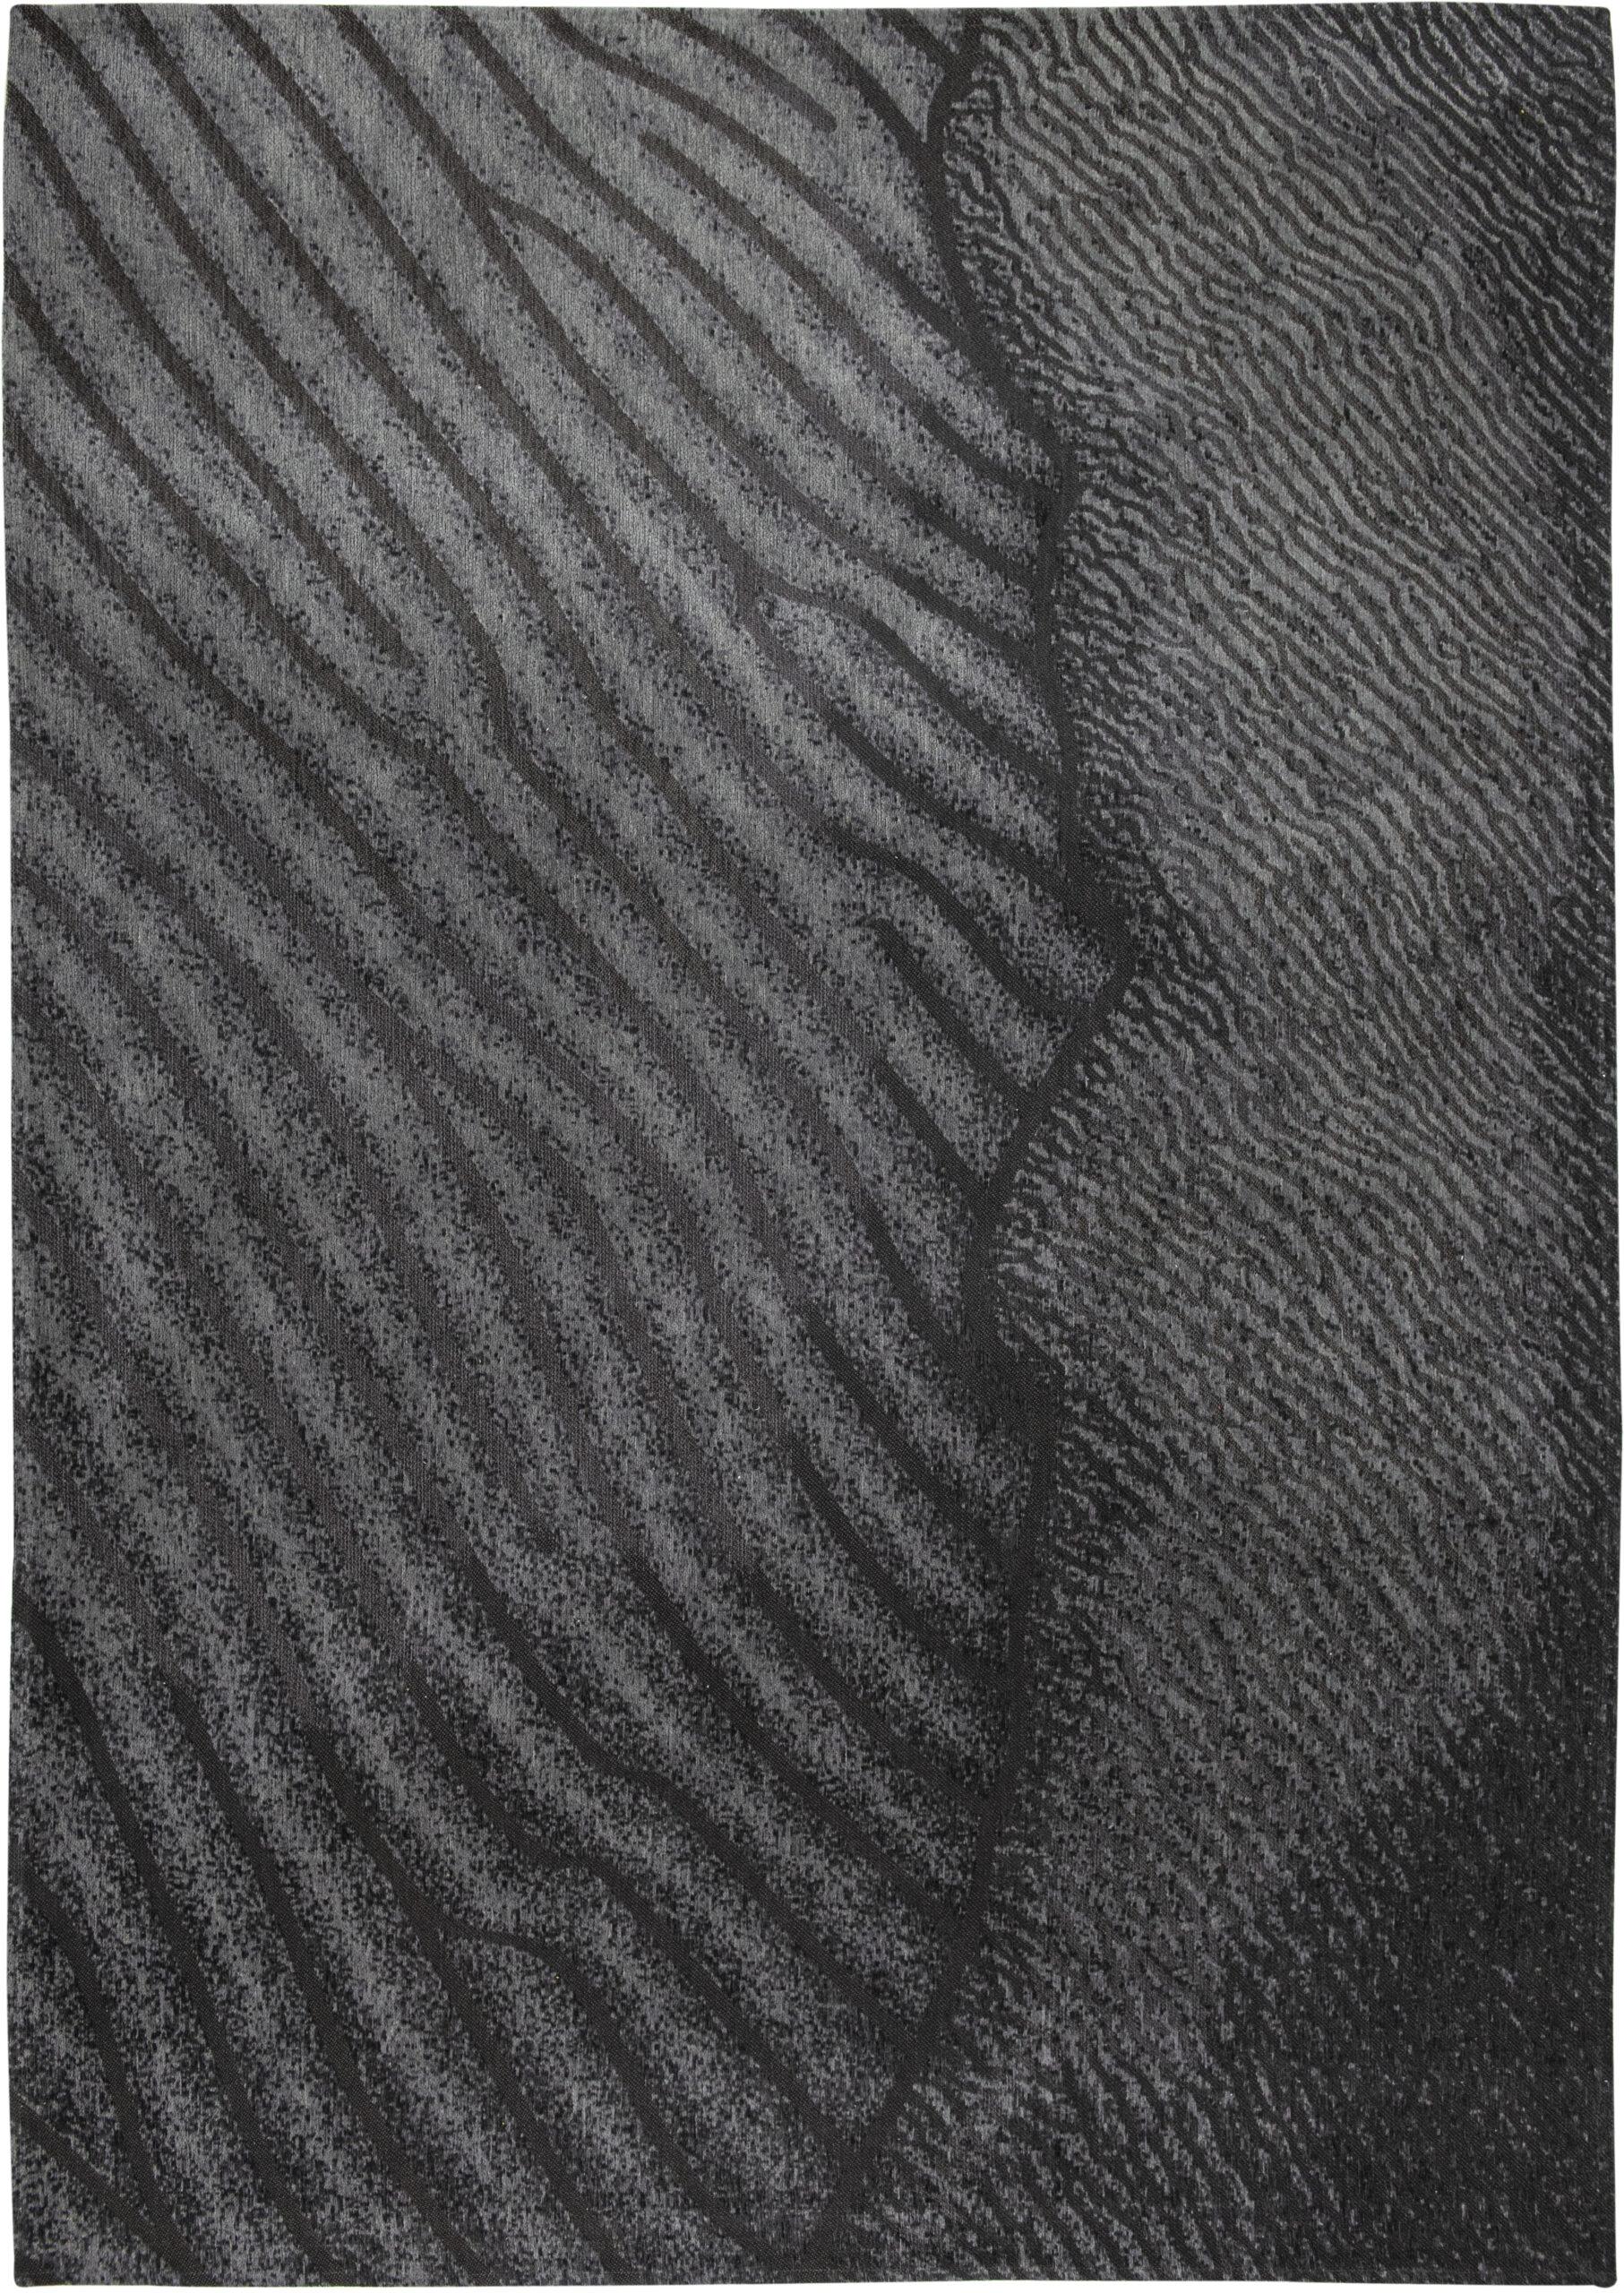 Nowoczesny Czarny Dywan - LOVINA BEACH 9136 - Rozmiar: 170x240 cm